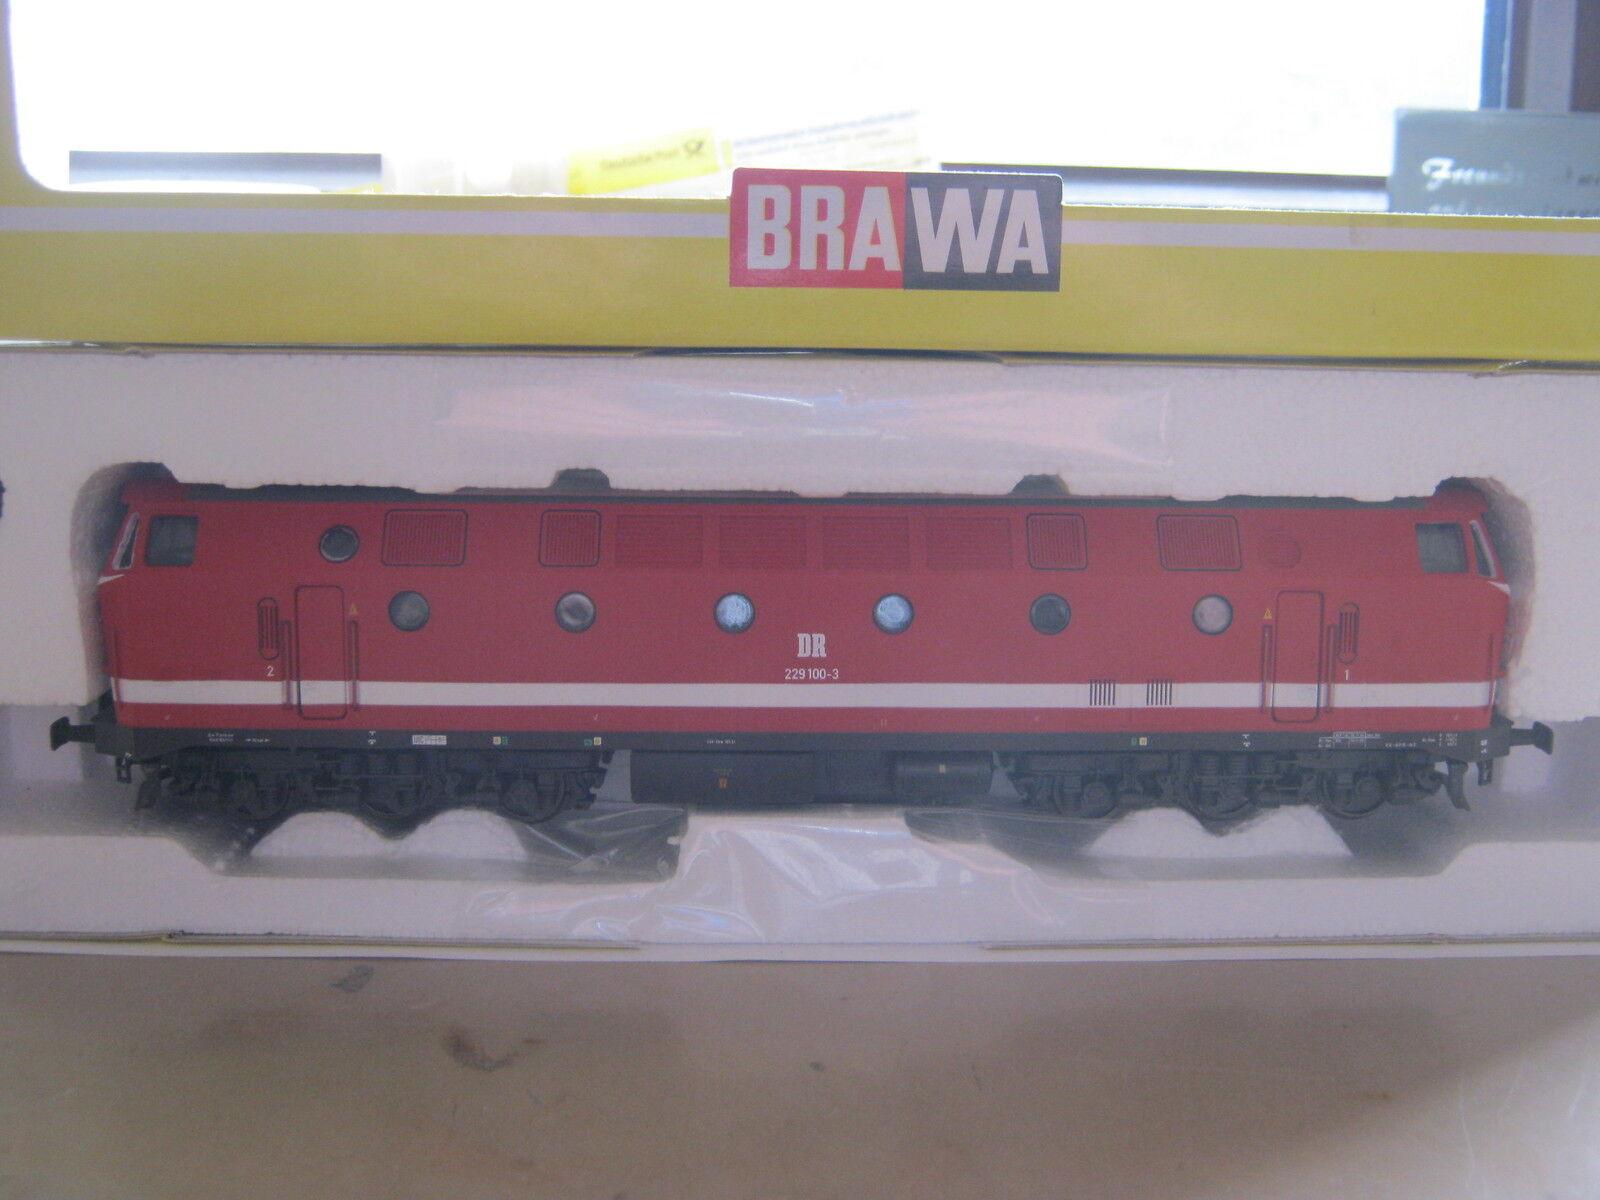 Brawa HO 0402 Diesel Lok BtrNr 229 100-3 DR (RG AU 99S1)  | Toy Story